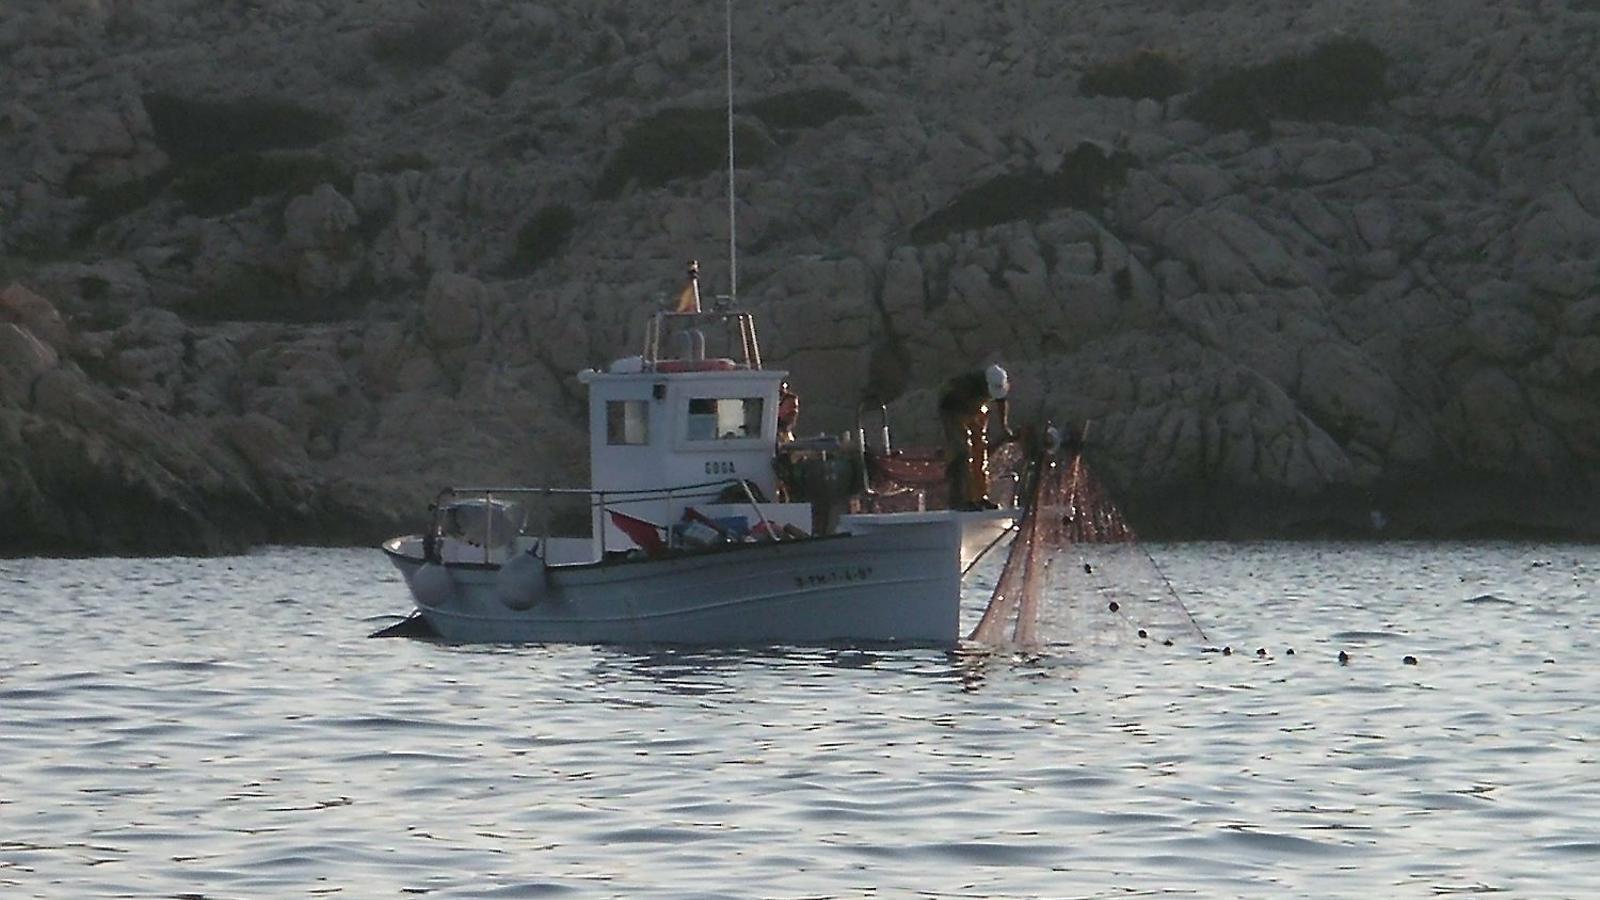 El treball dels inspectors pesquers a Menorca ha estat intens en un dels àmbits més rellevants per a la preservació del territori.